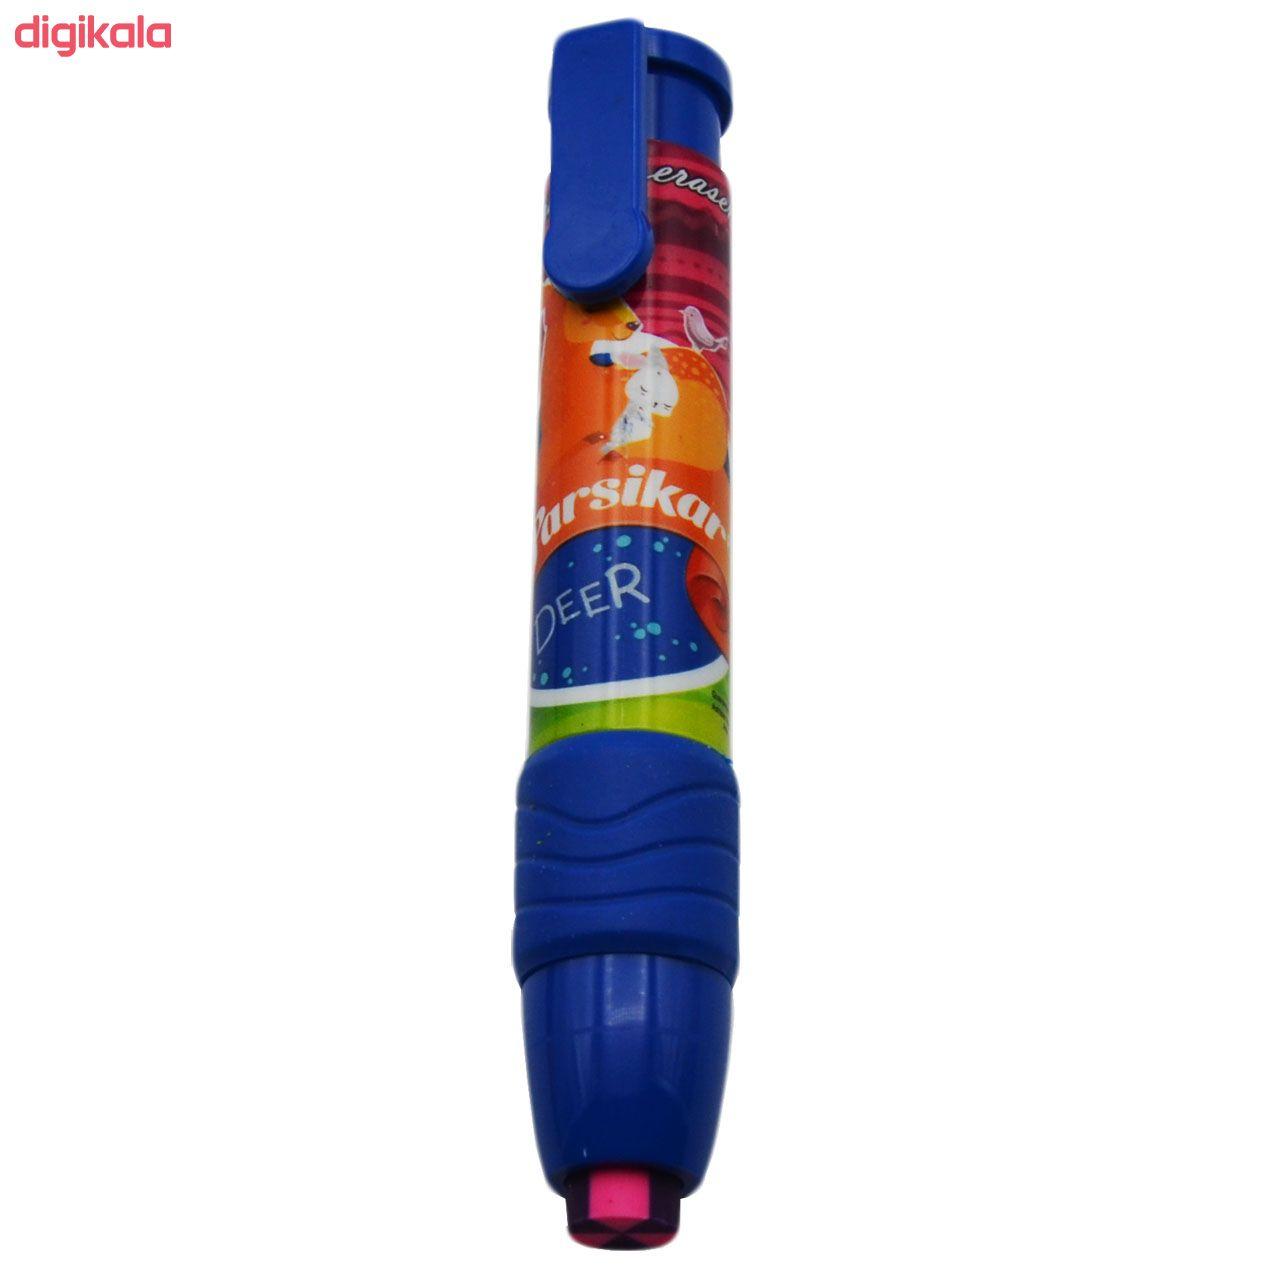 پاک کن مدادی پارسیکار کد 4001 main 1 3